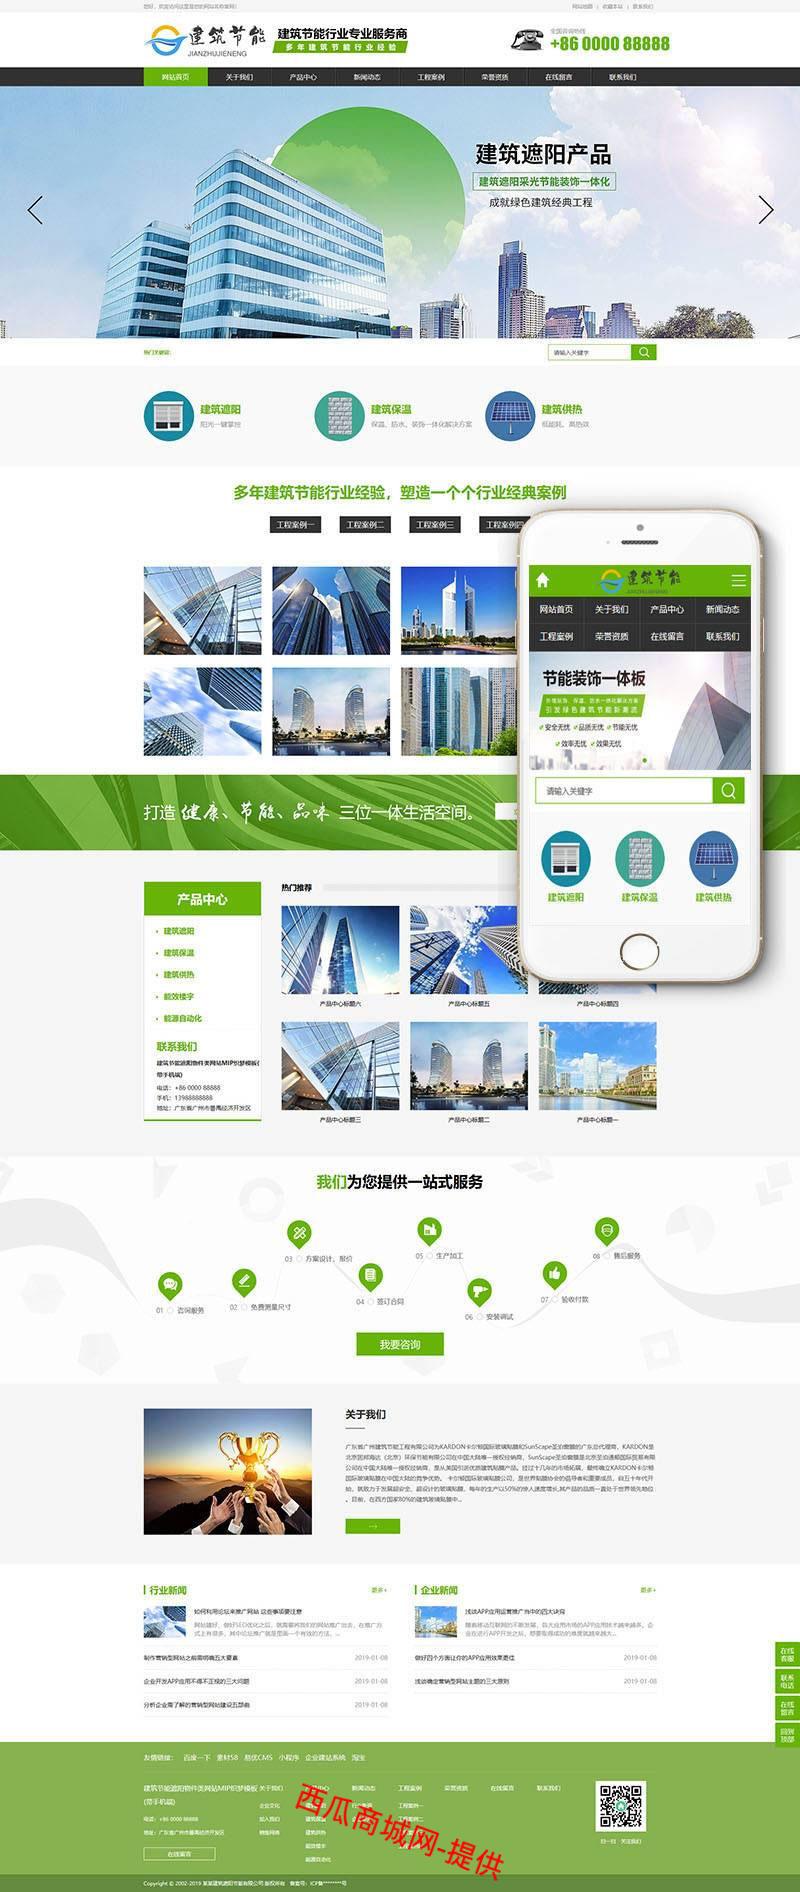 织梦模版:建筑节能遮阳物件网站模板 MIP+PC+移动端 三端同步